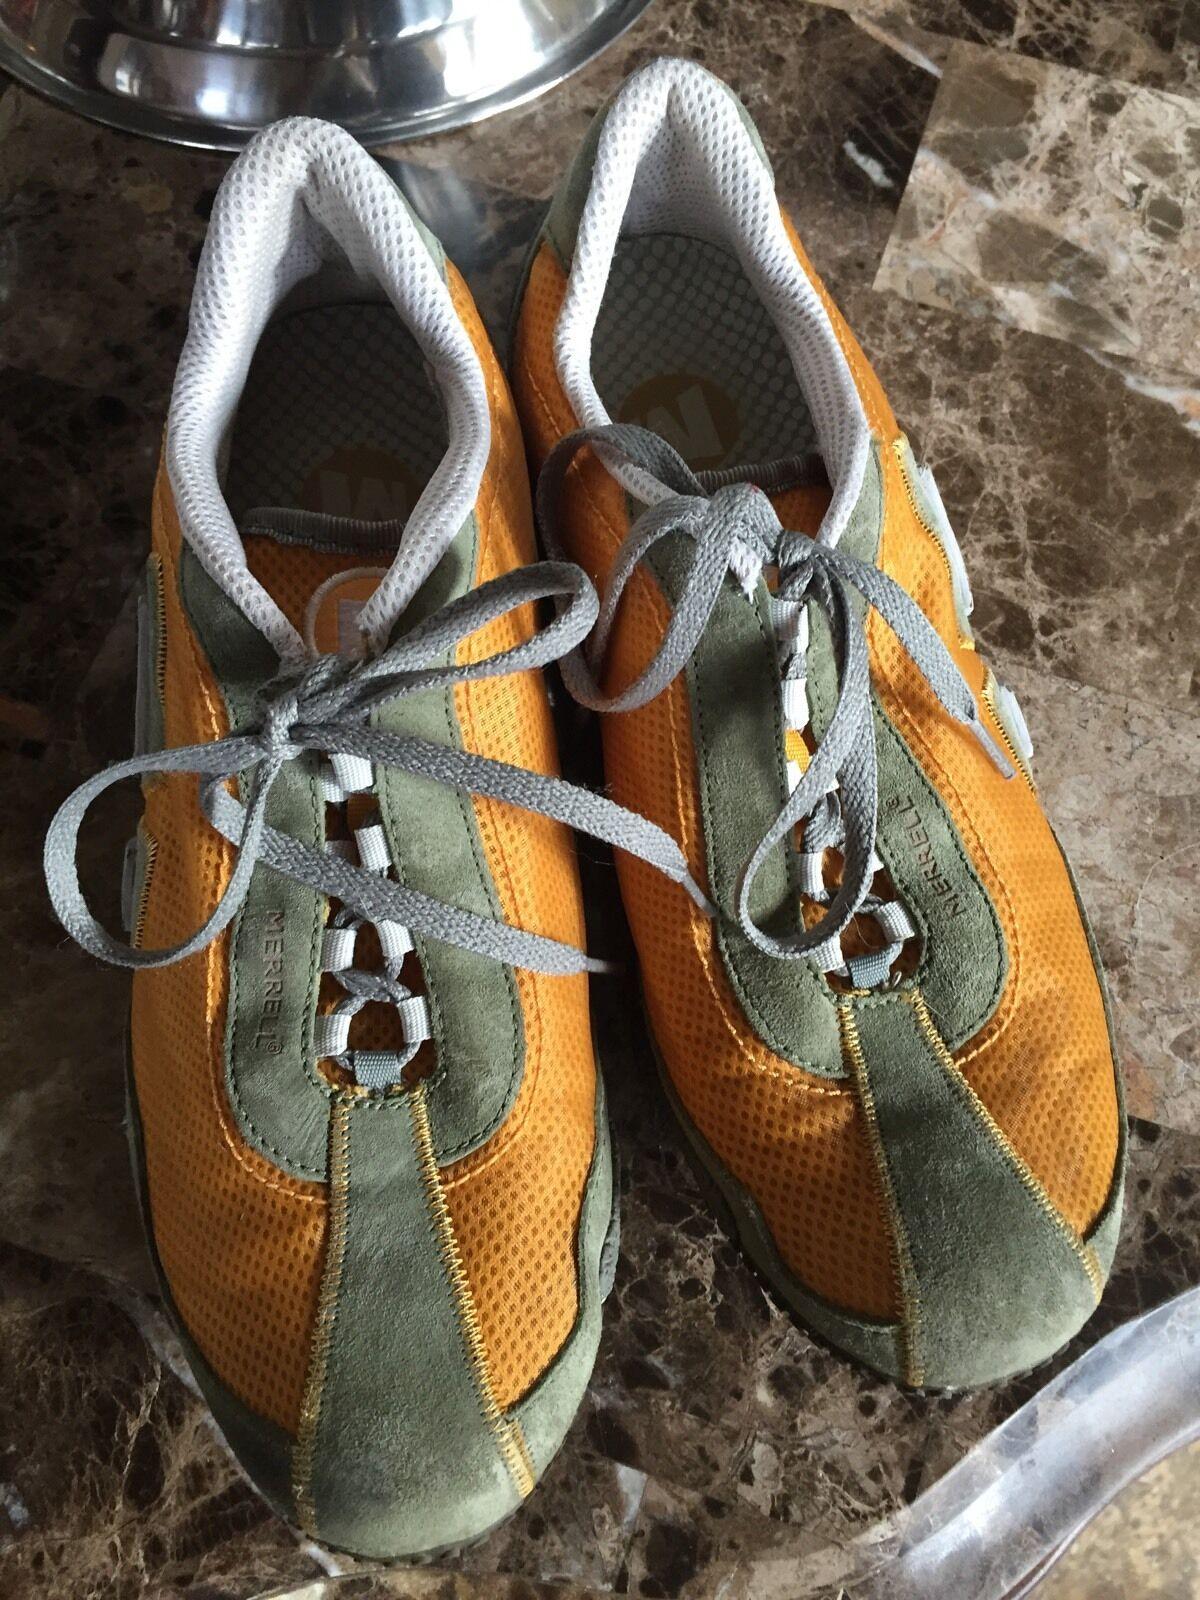 Damenss merrell schuhe Günstige und gute Schuhe